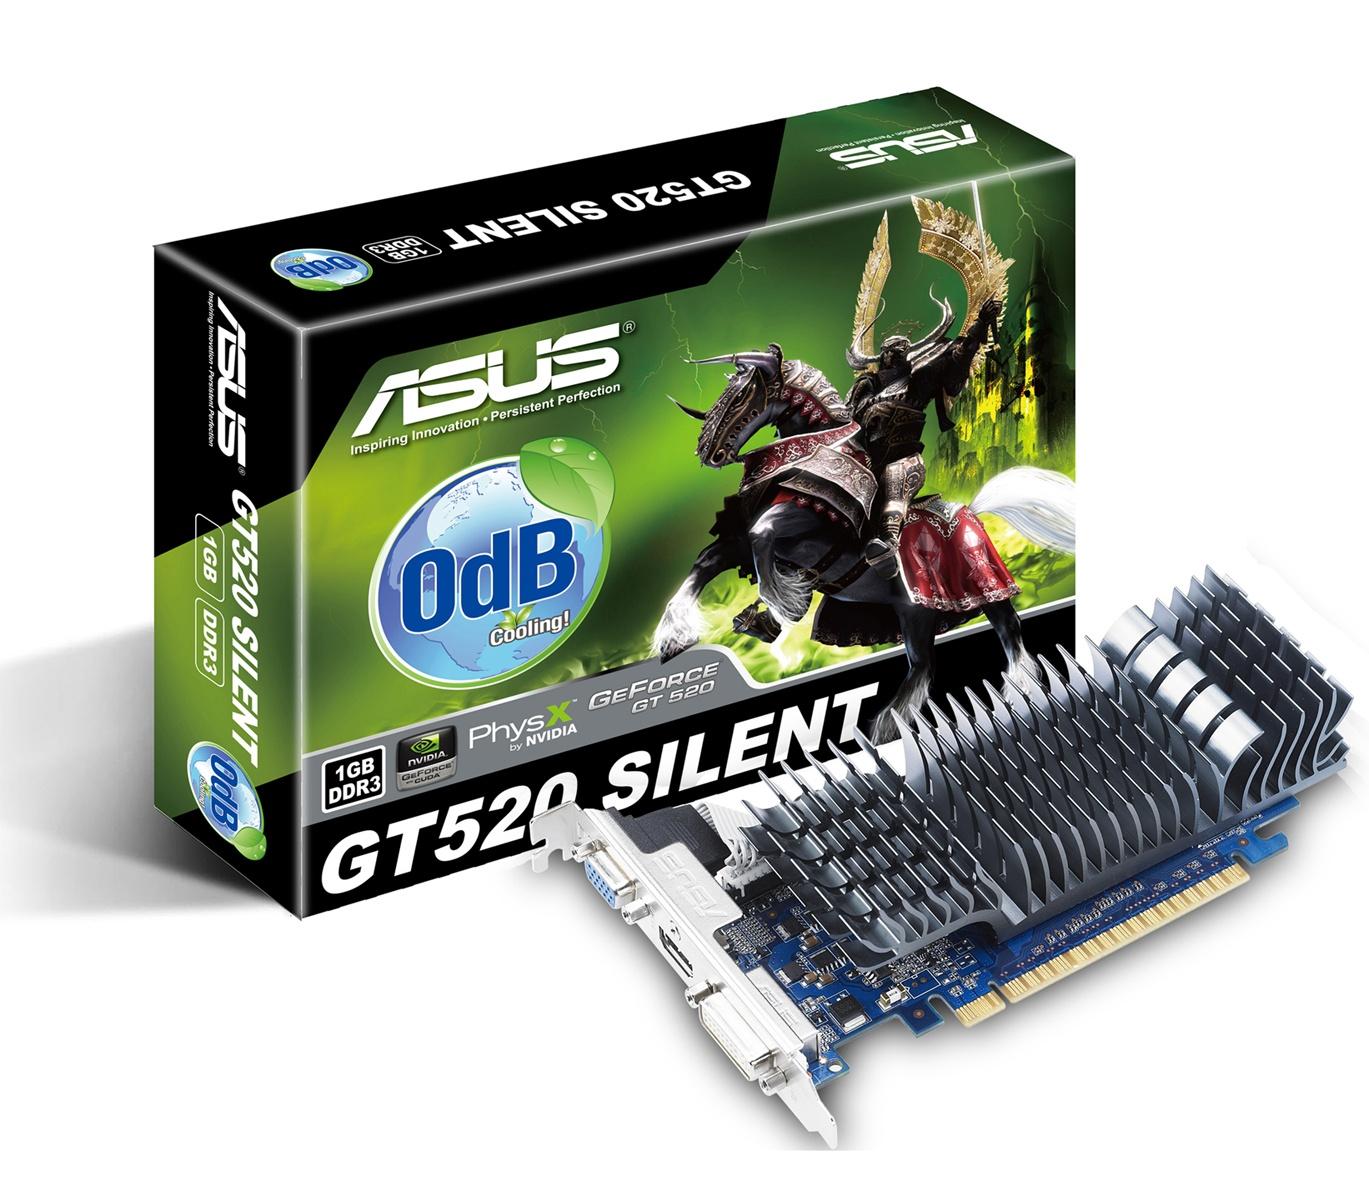 ASUS GT520 - videókártya érkezik